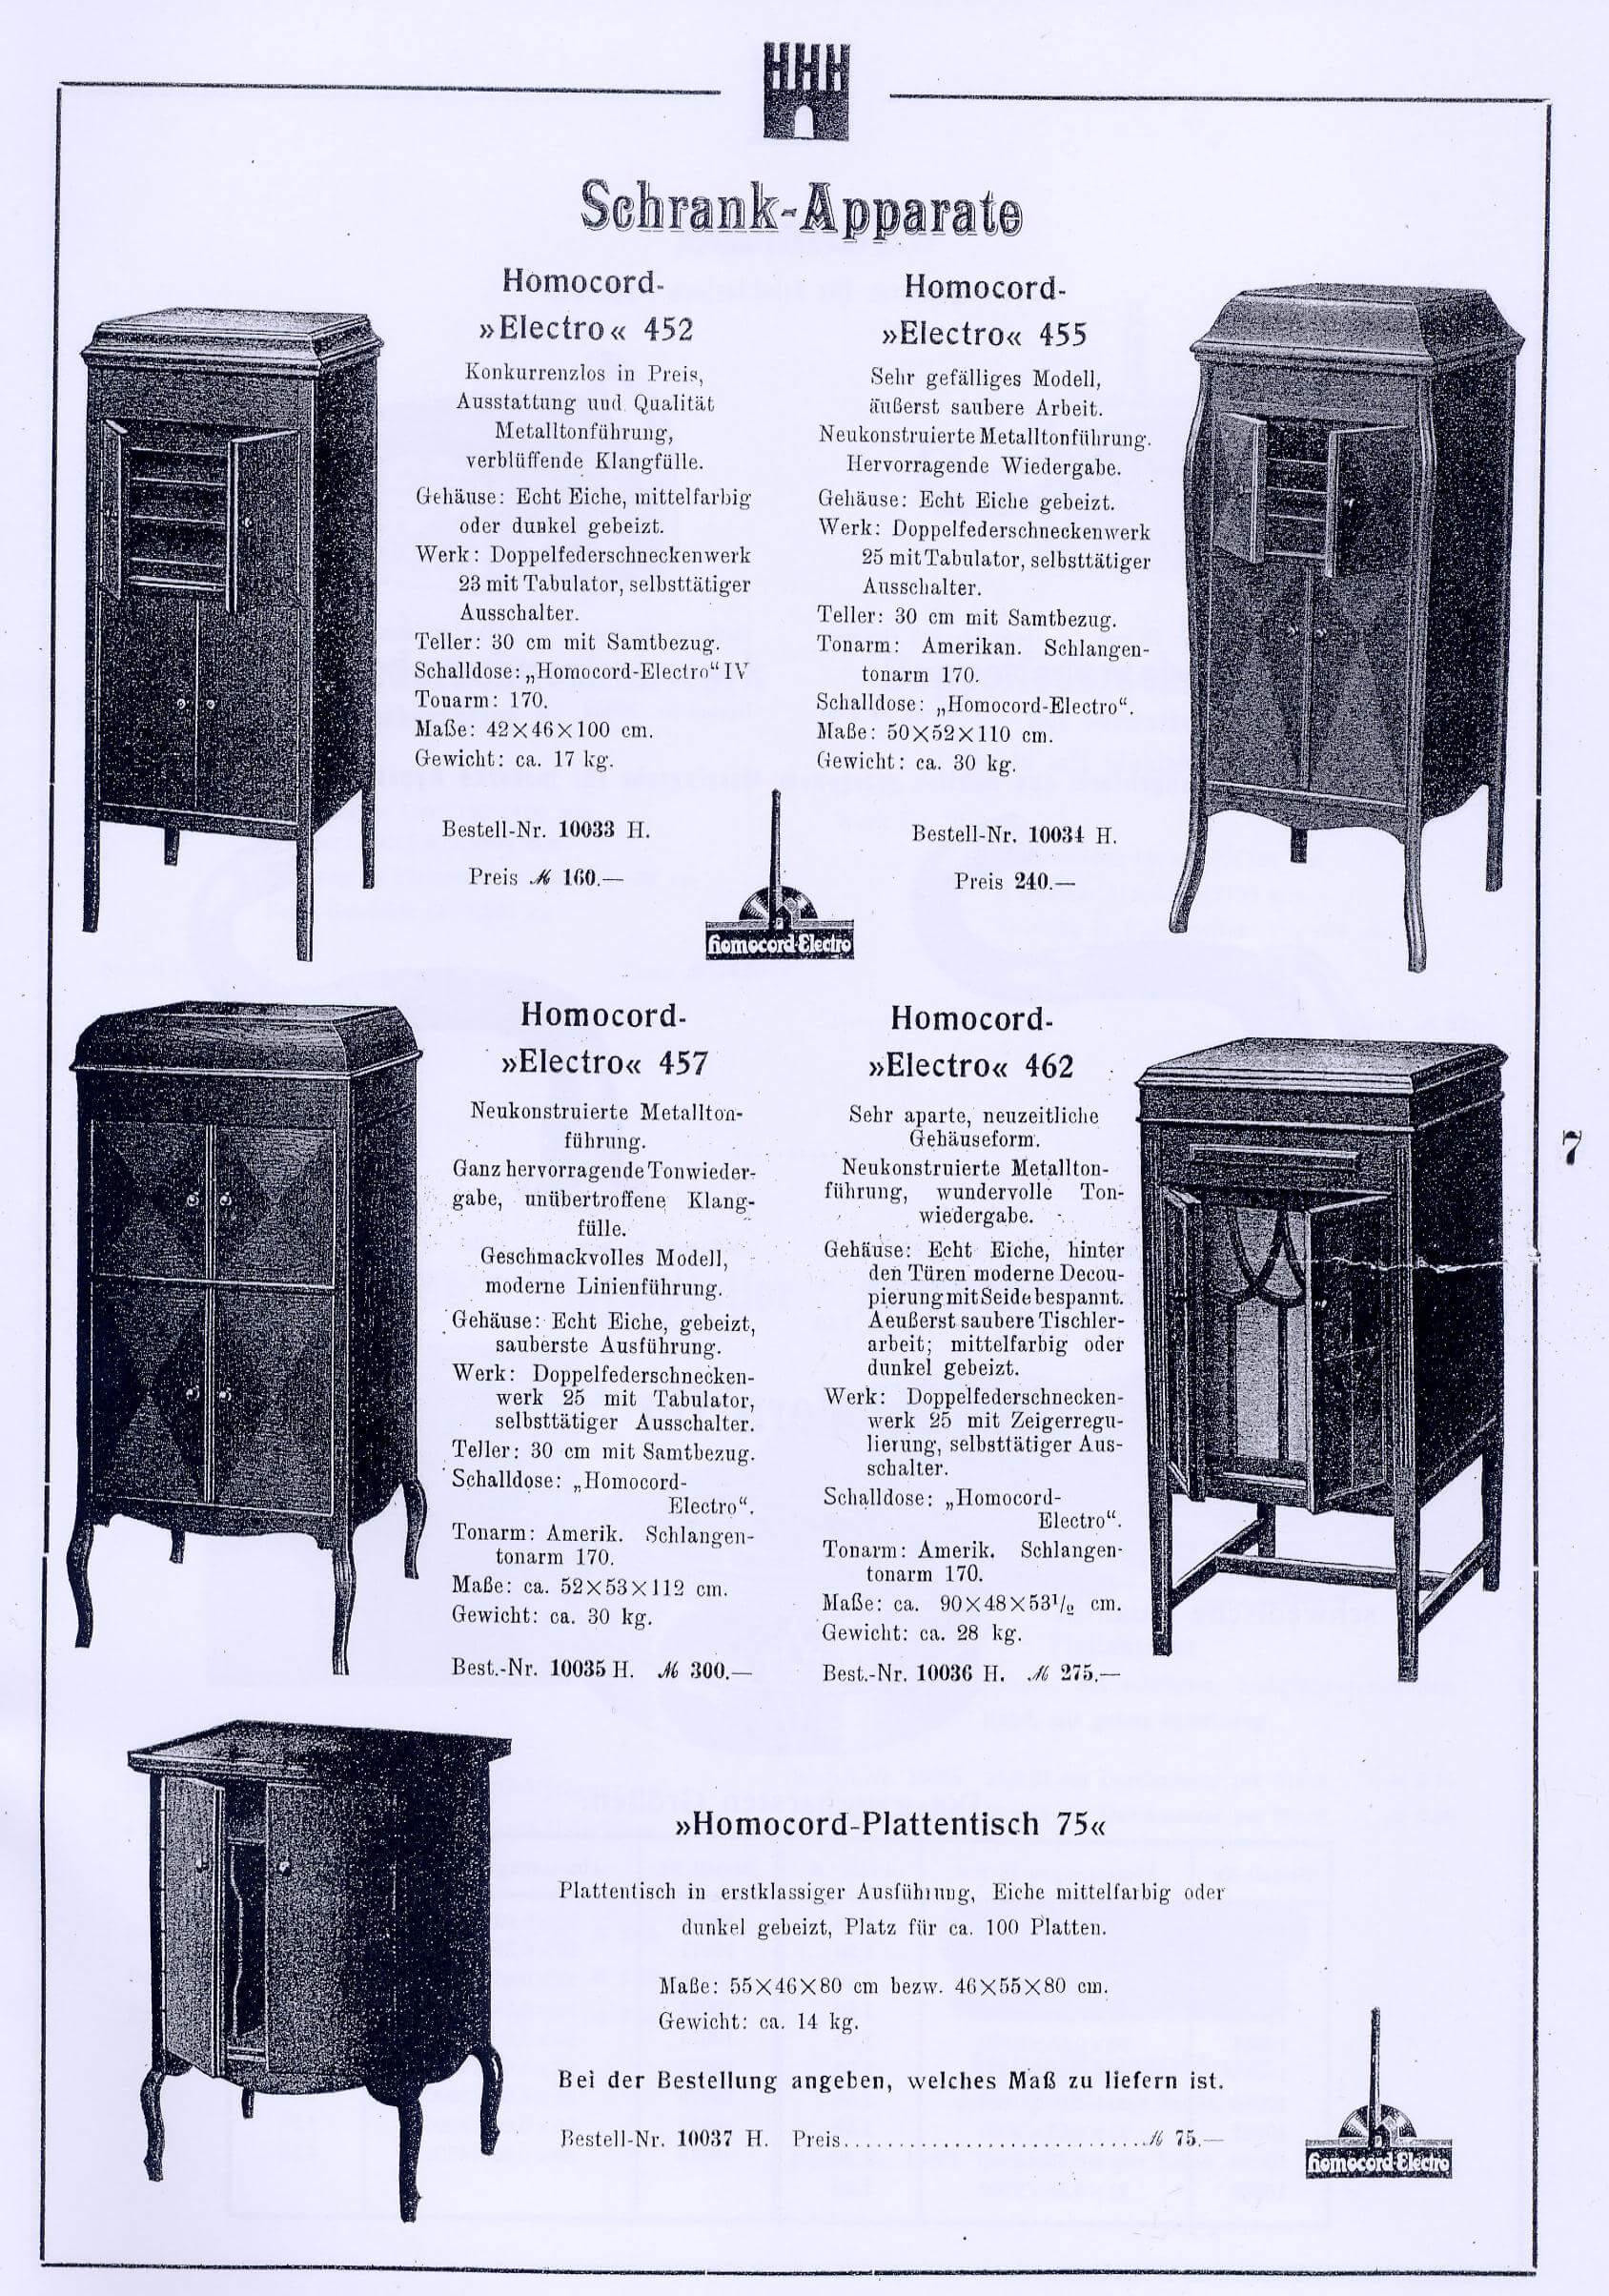 100% Wahr Polyphon Grammophon Mit Handkurbel Und Ca Antiquitäten & Kunst 60 Nadeln Von Herold Ungleiche Leistung